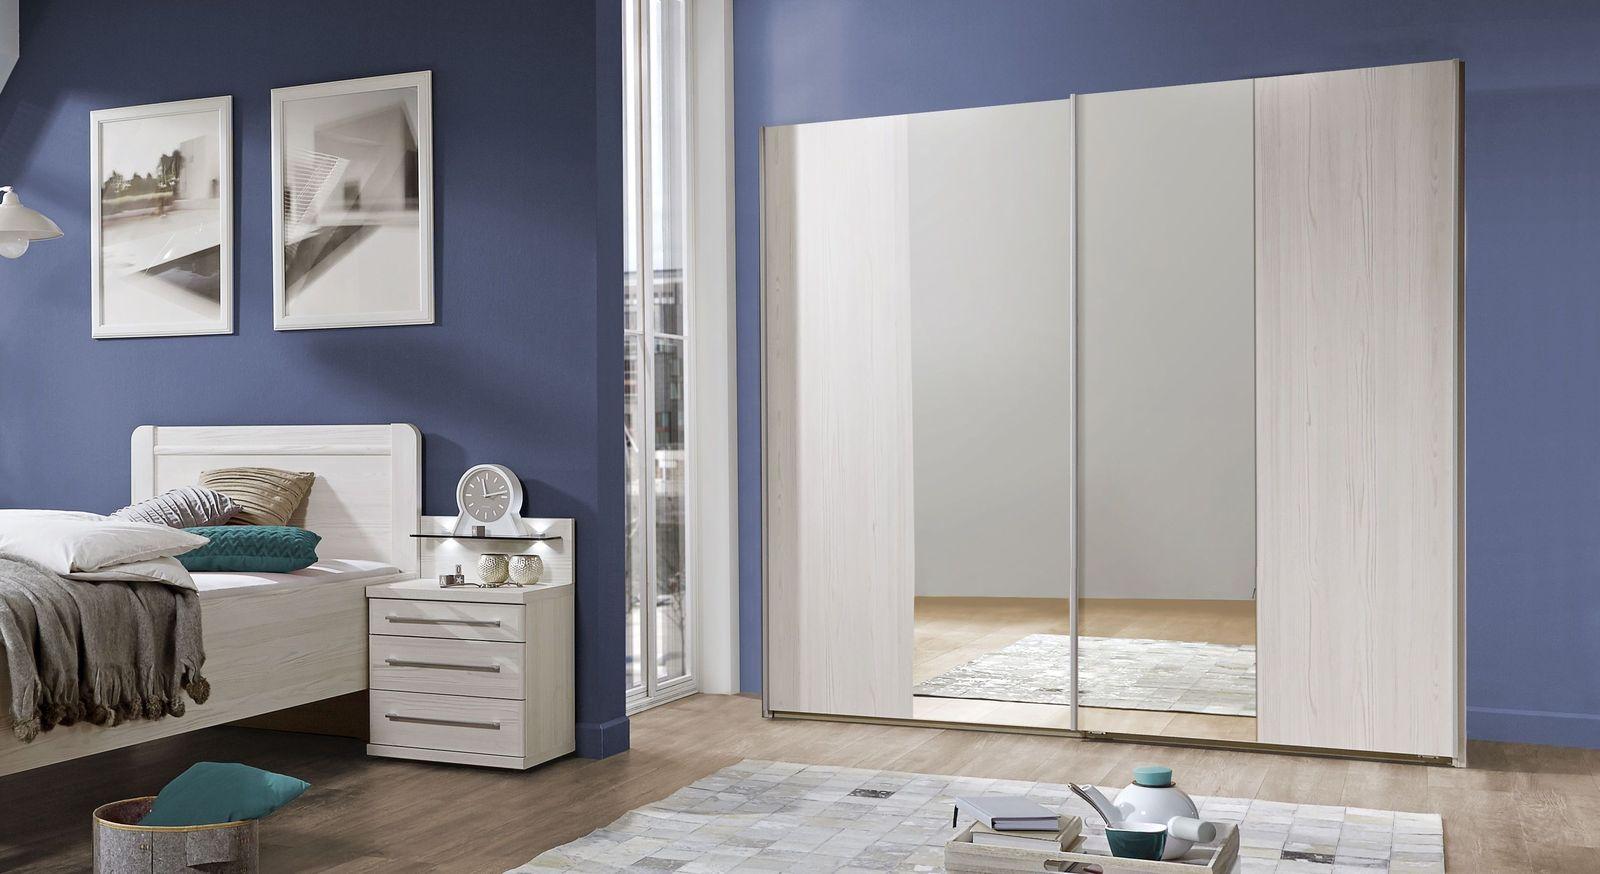 Spiegel-Kleiderschrank Apolda mit großer Spiegelfläche